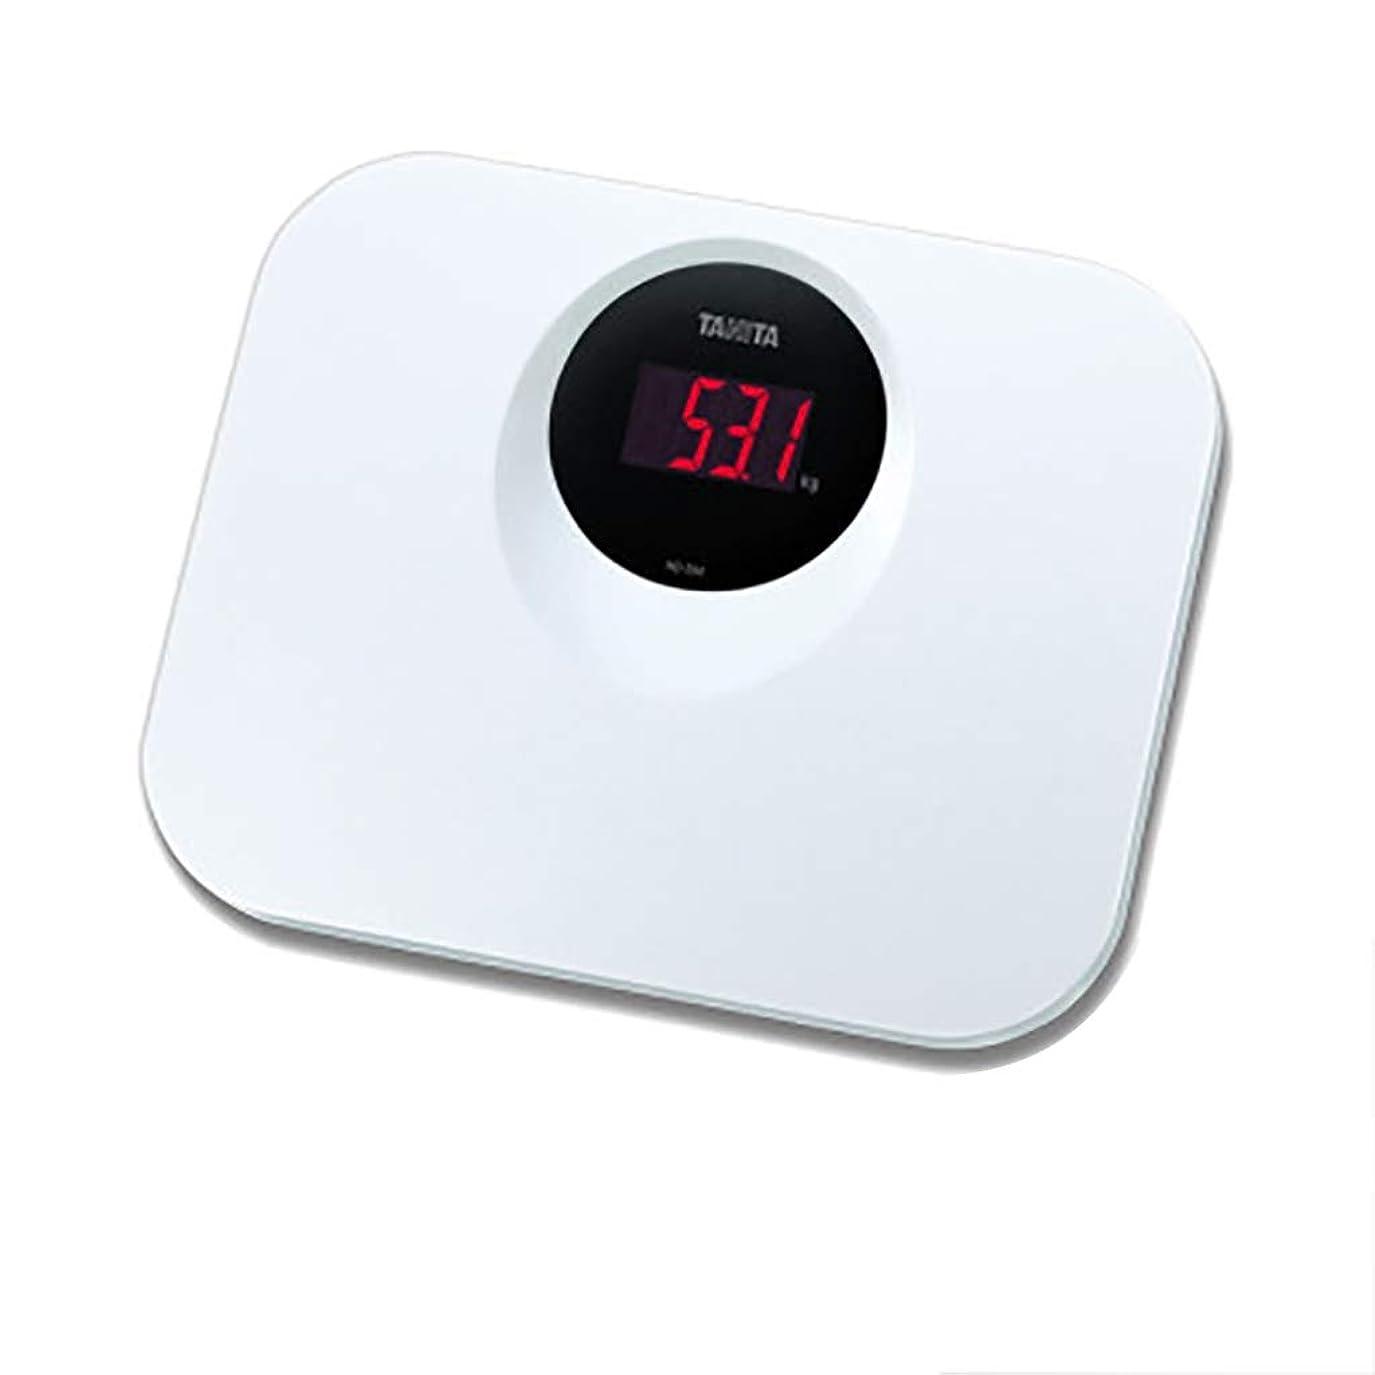 冷ややかなまつげ脚本バスルームデジタルスケール 丸型デジタルダイヤルディスプレイ付き 体重計 ABSスケールプラットフォーム付き、 2?150kgの重量測定